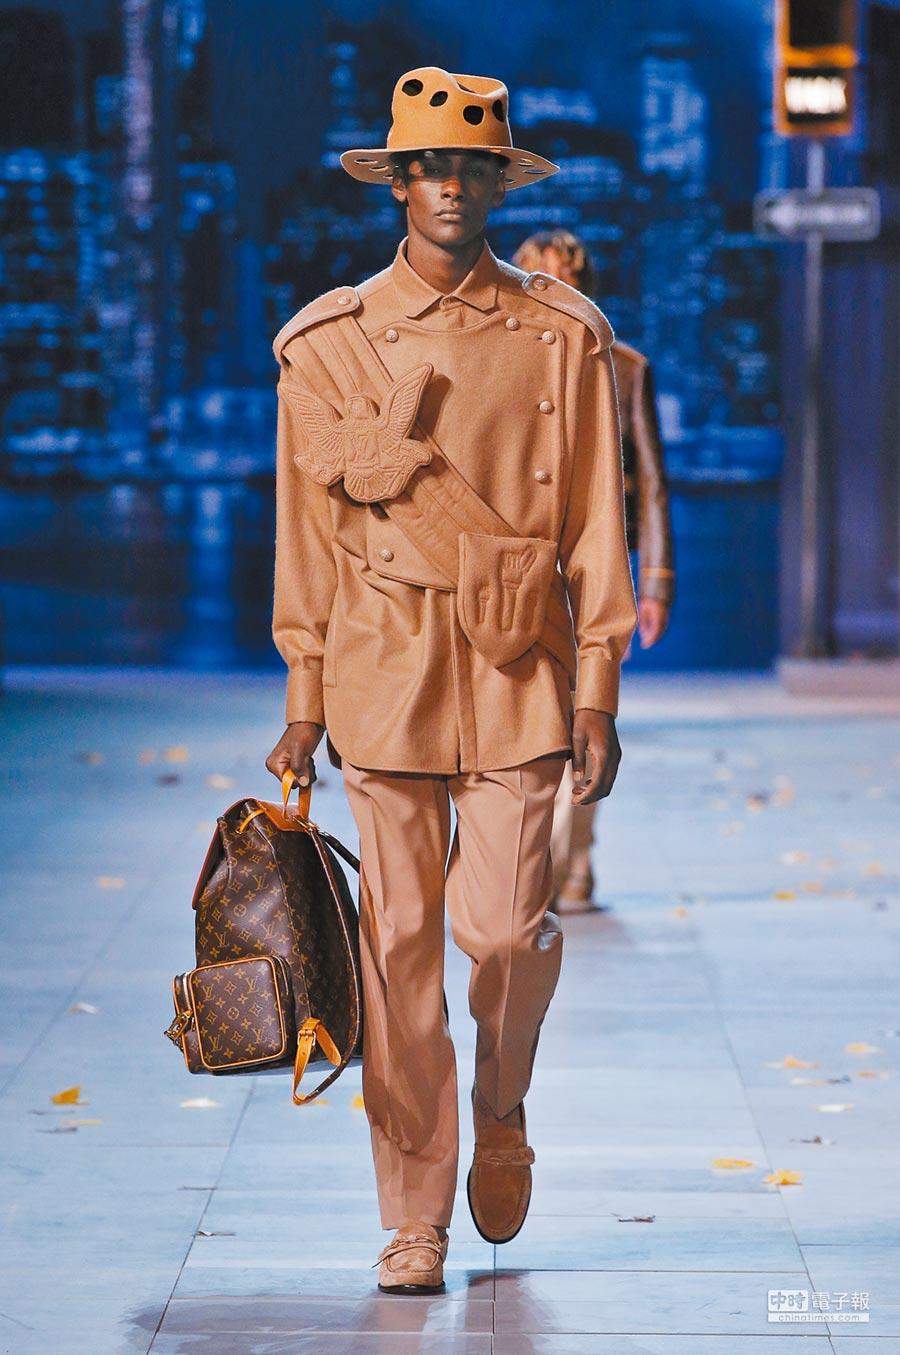 麥可傑克森的經典軍裝造型,幻化為駝色毛呢材質上衣的細節,胸前的徽章造型裝飾也格外搶眼。(LV提供)